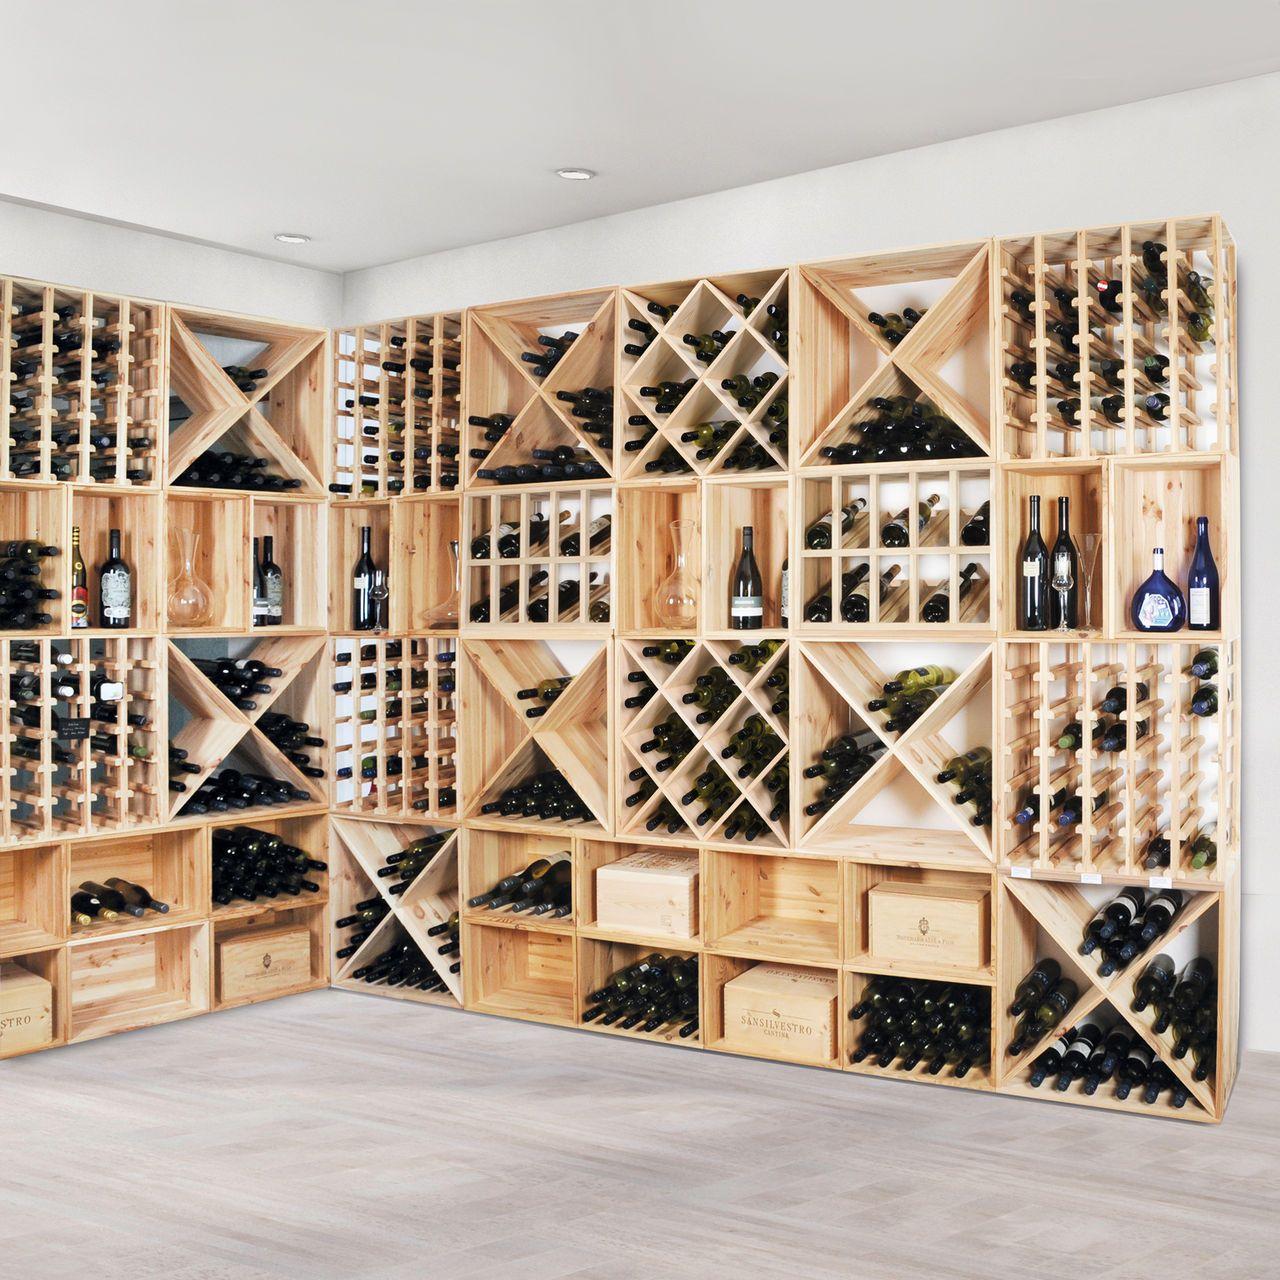 Tagre Vin VINCASA Tagre A Vin Ides Dco Pour